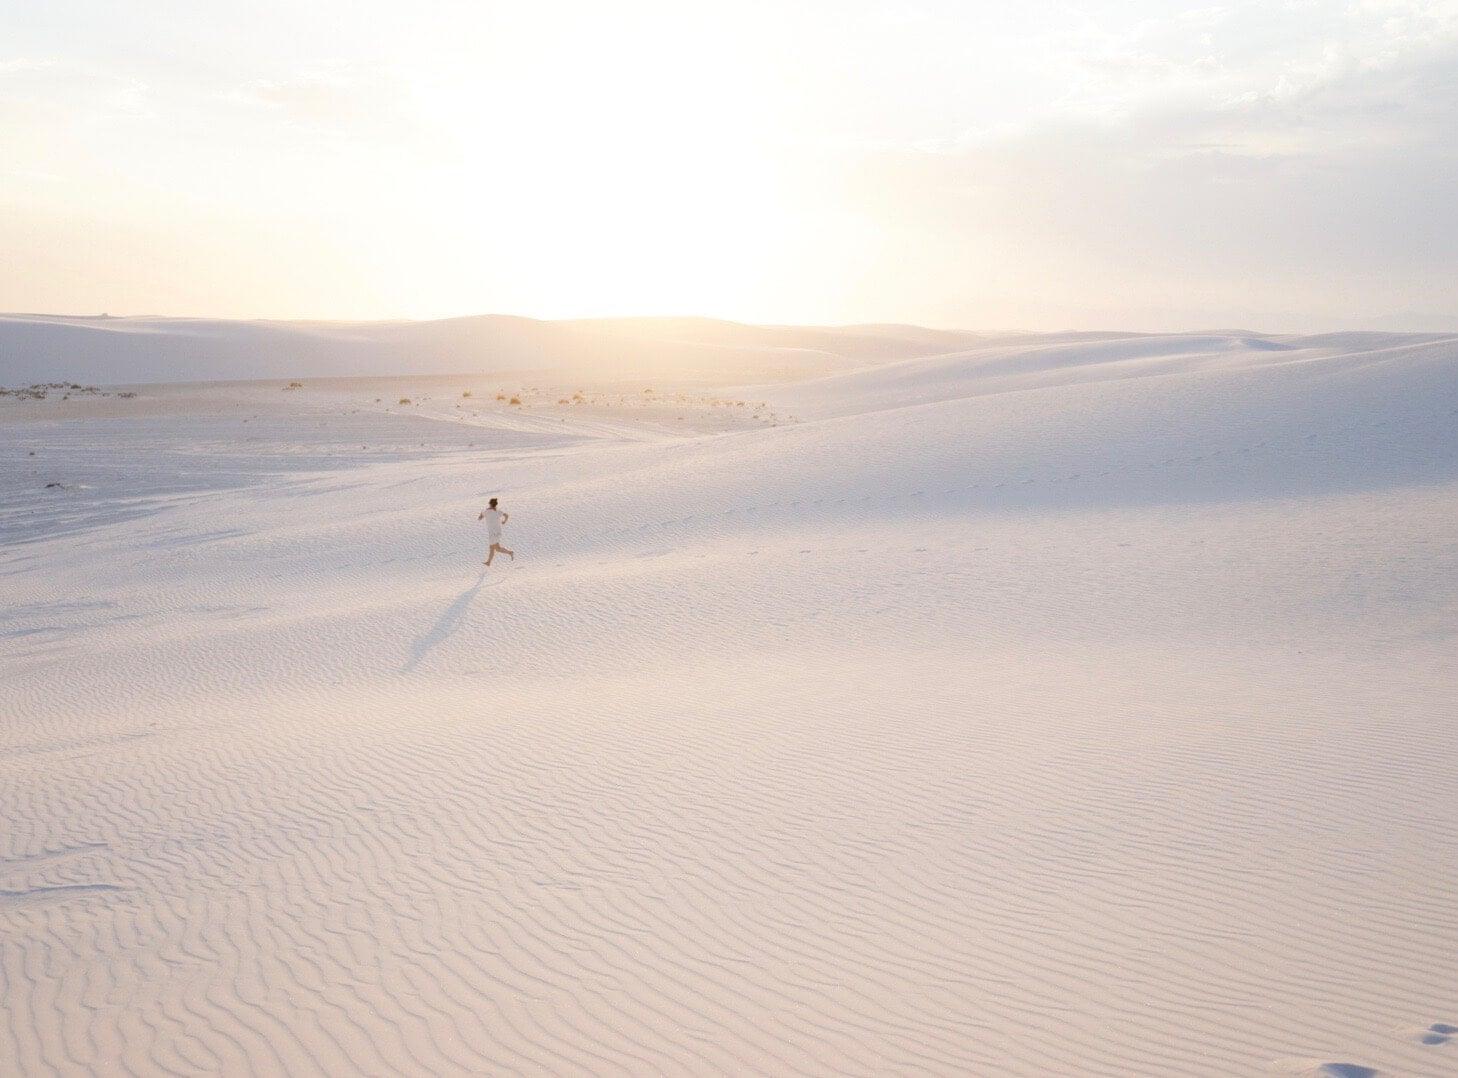 Woman running across the desert sand at dusk